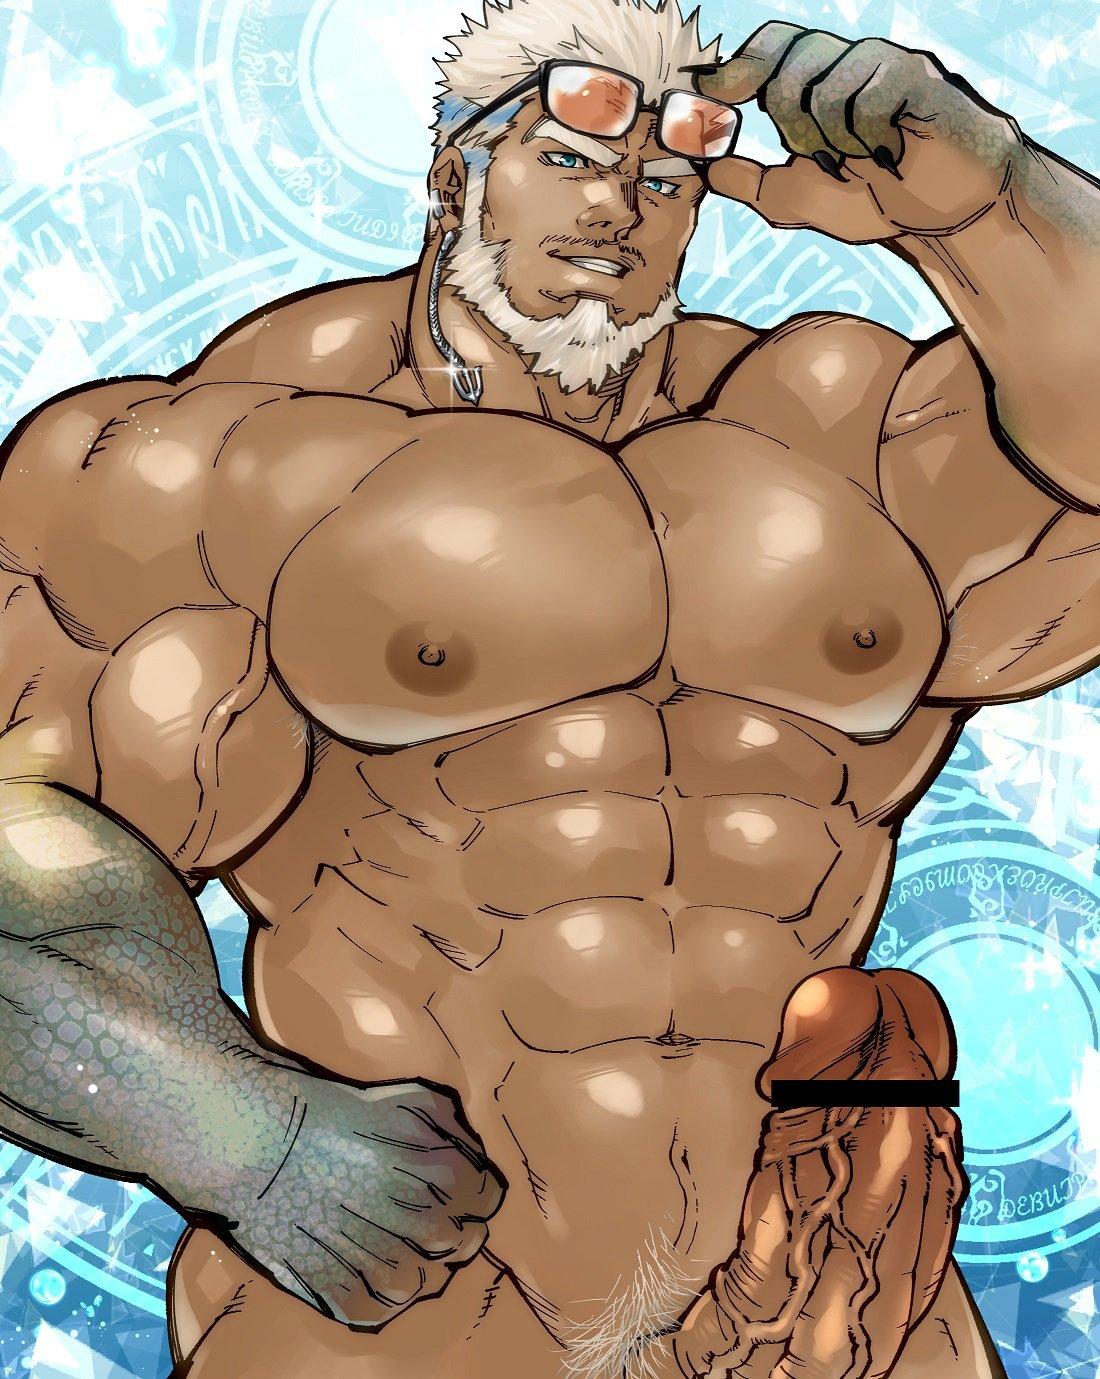 gay tokyo afterschool summoners porn Left 4 dead nude mods